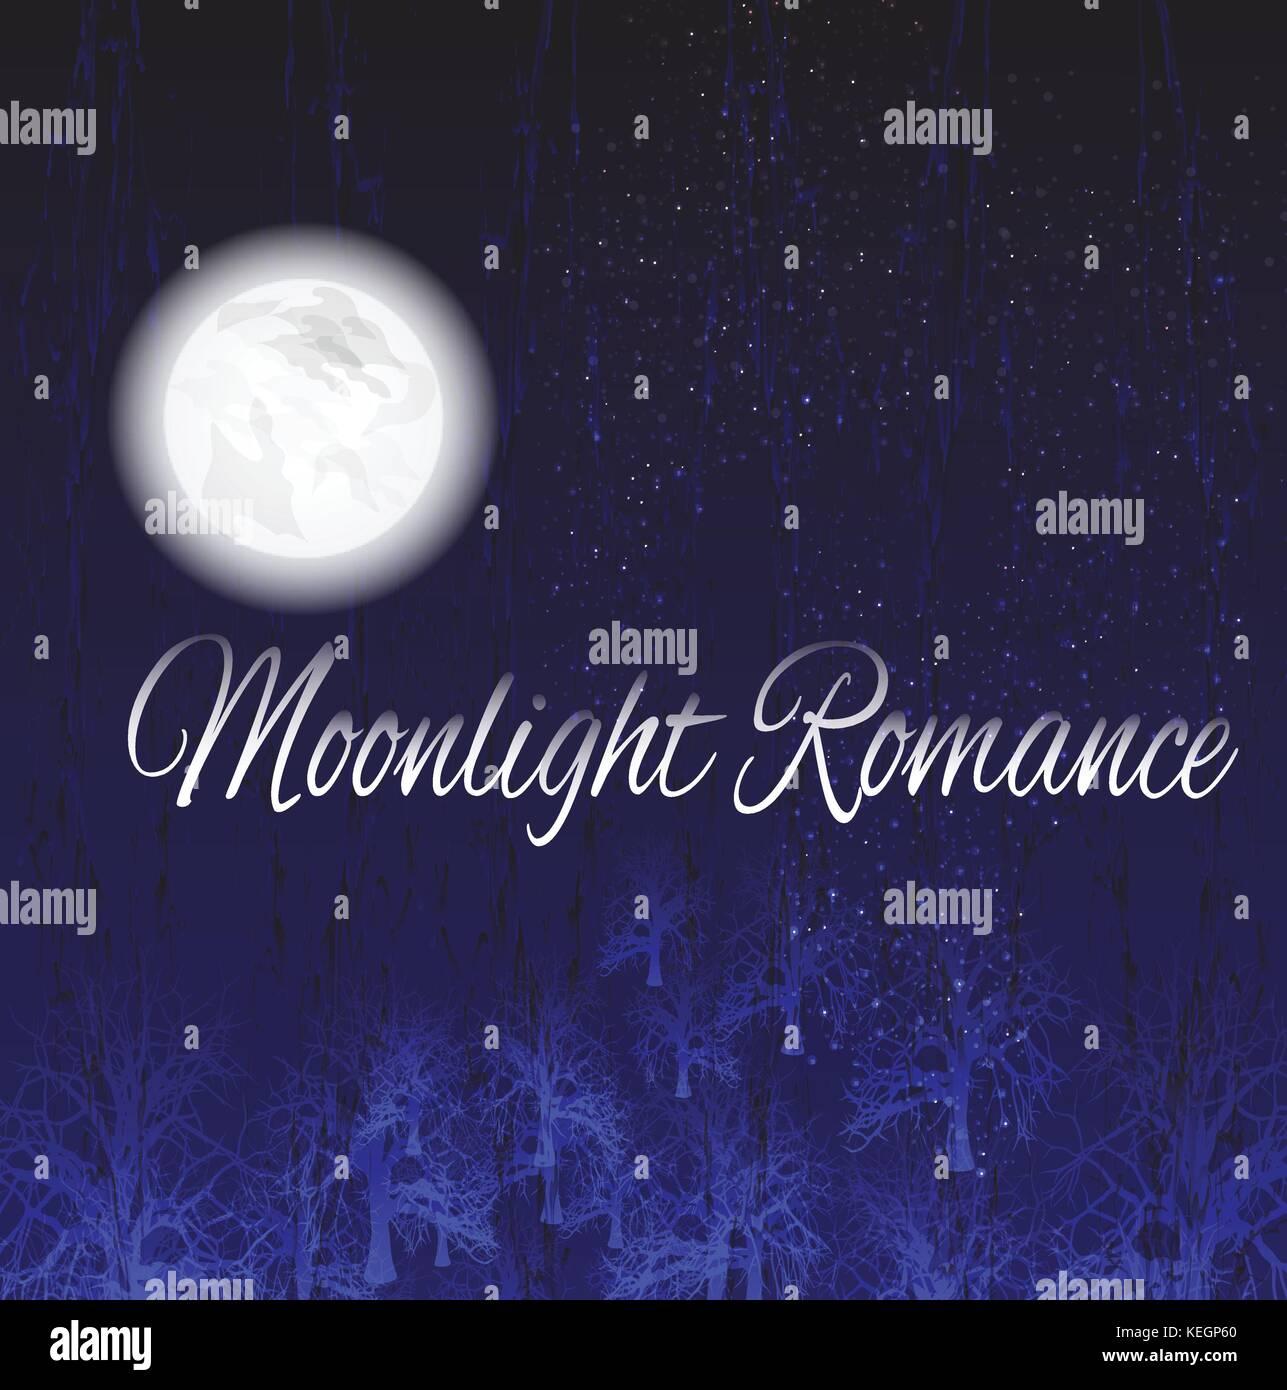 Volle moonlight Vektor für Hintergrund, Hintergrund, Poster, Drucken, Tapeten, Illustration oder andere Arten Stockbild